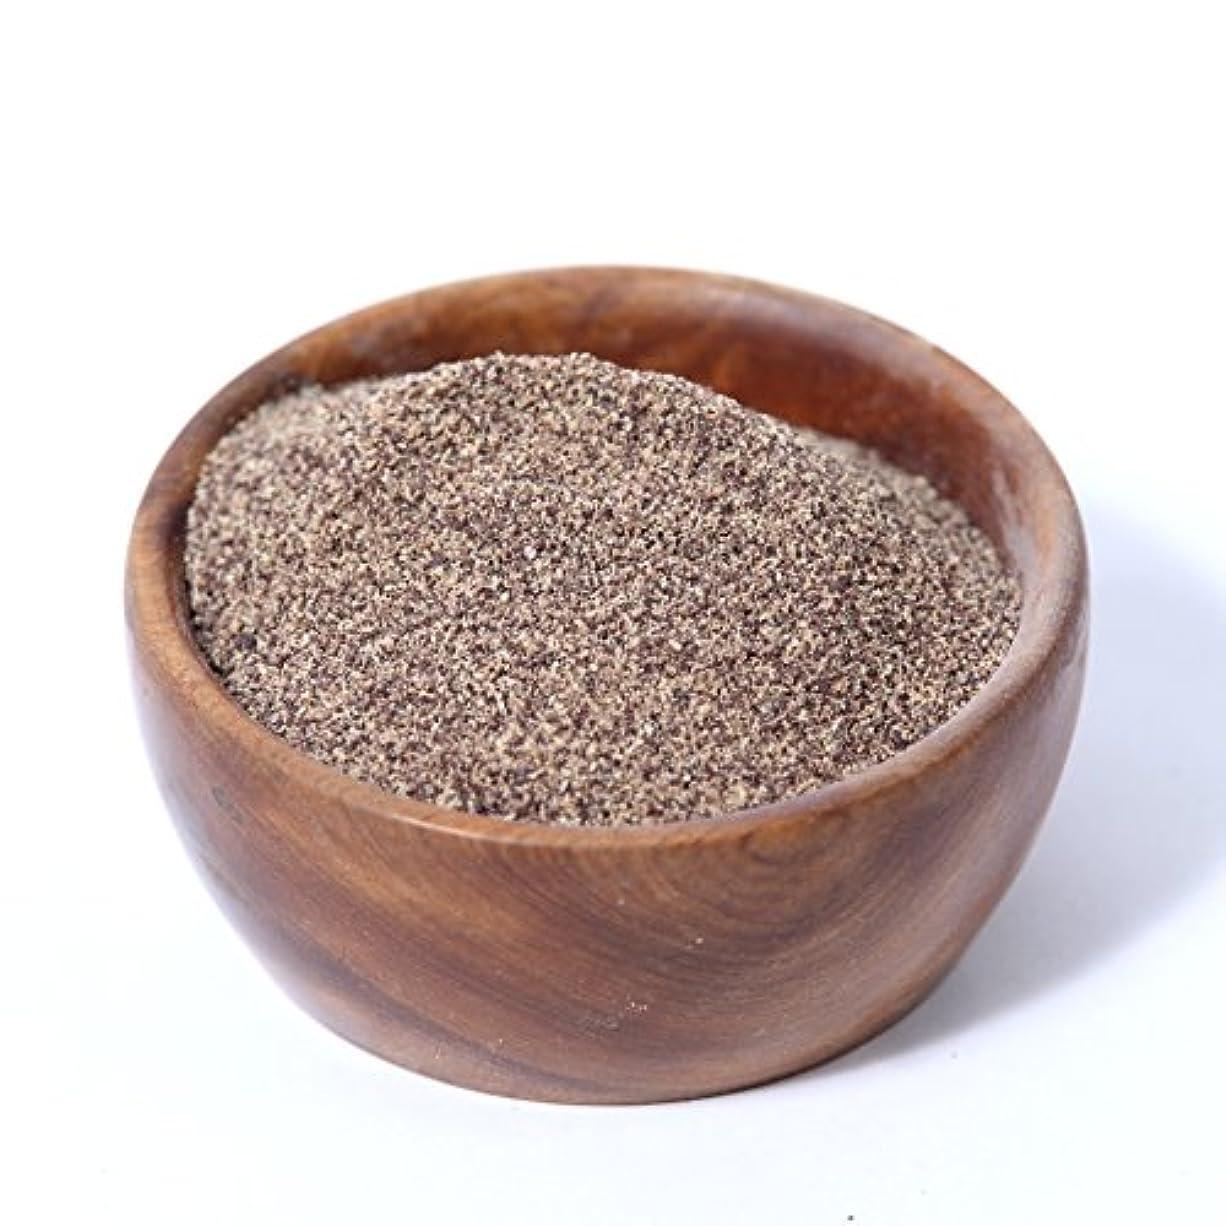 ホット混合した累積Jojoba Seeds For Face Exfoliant 500g